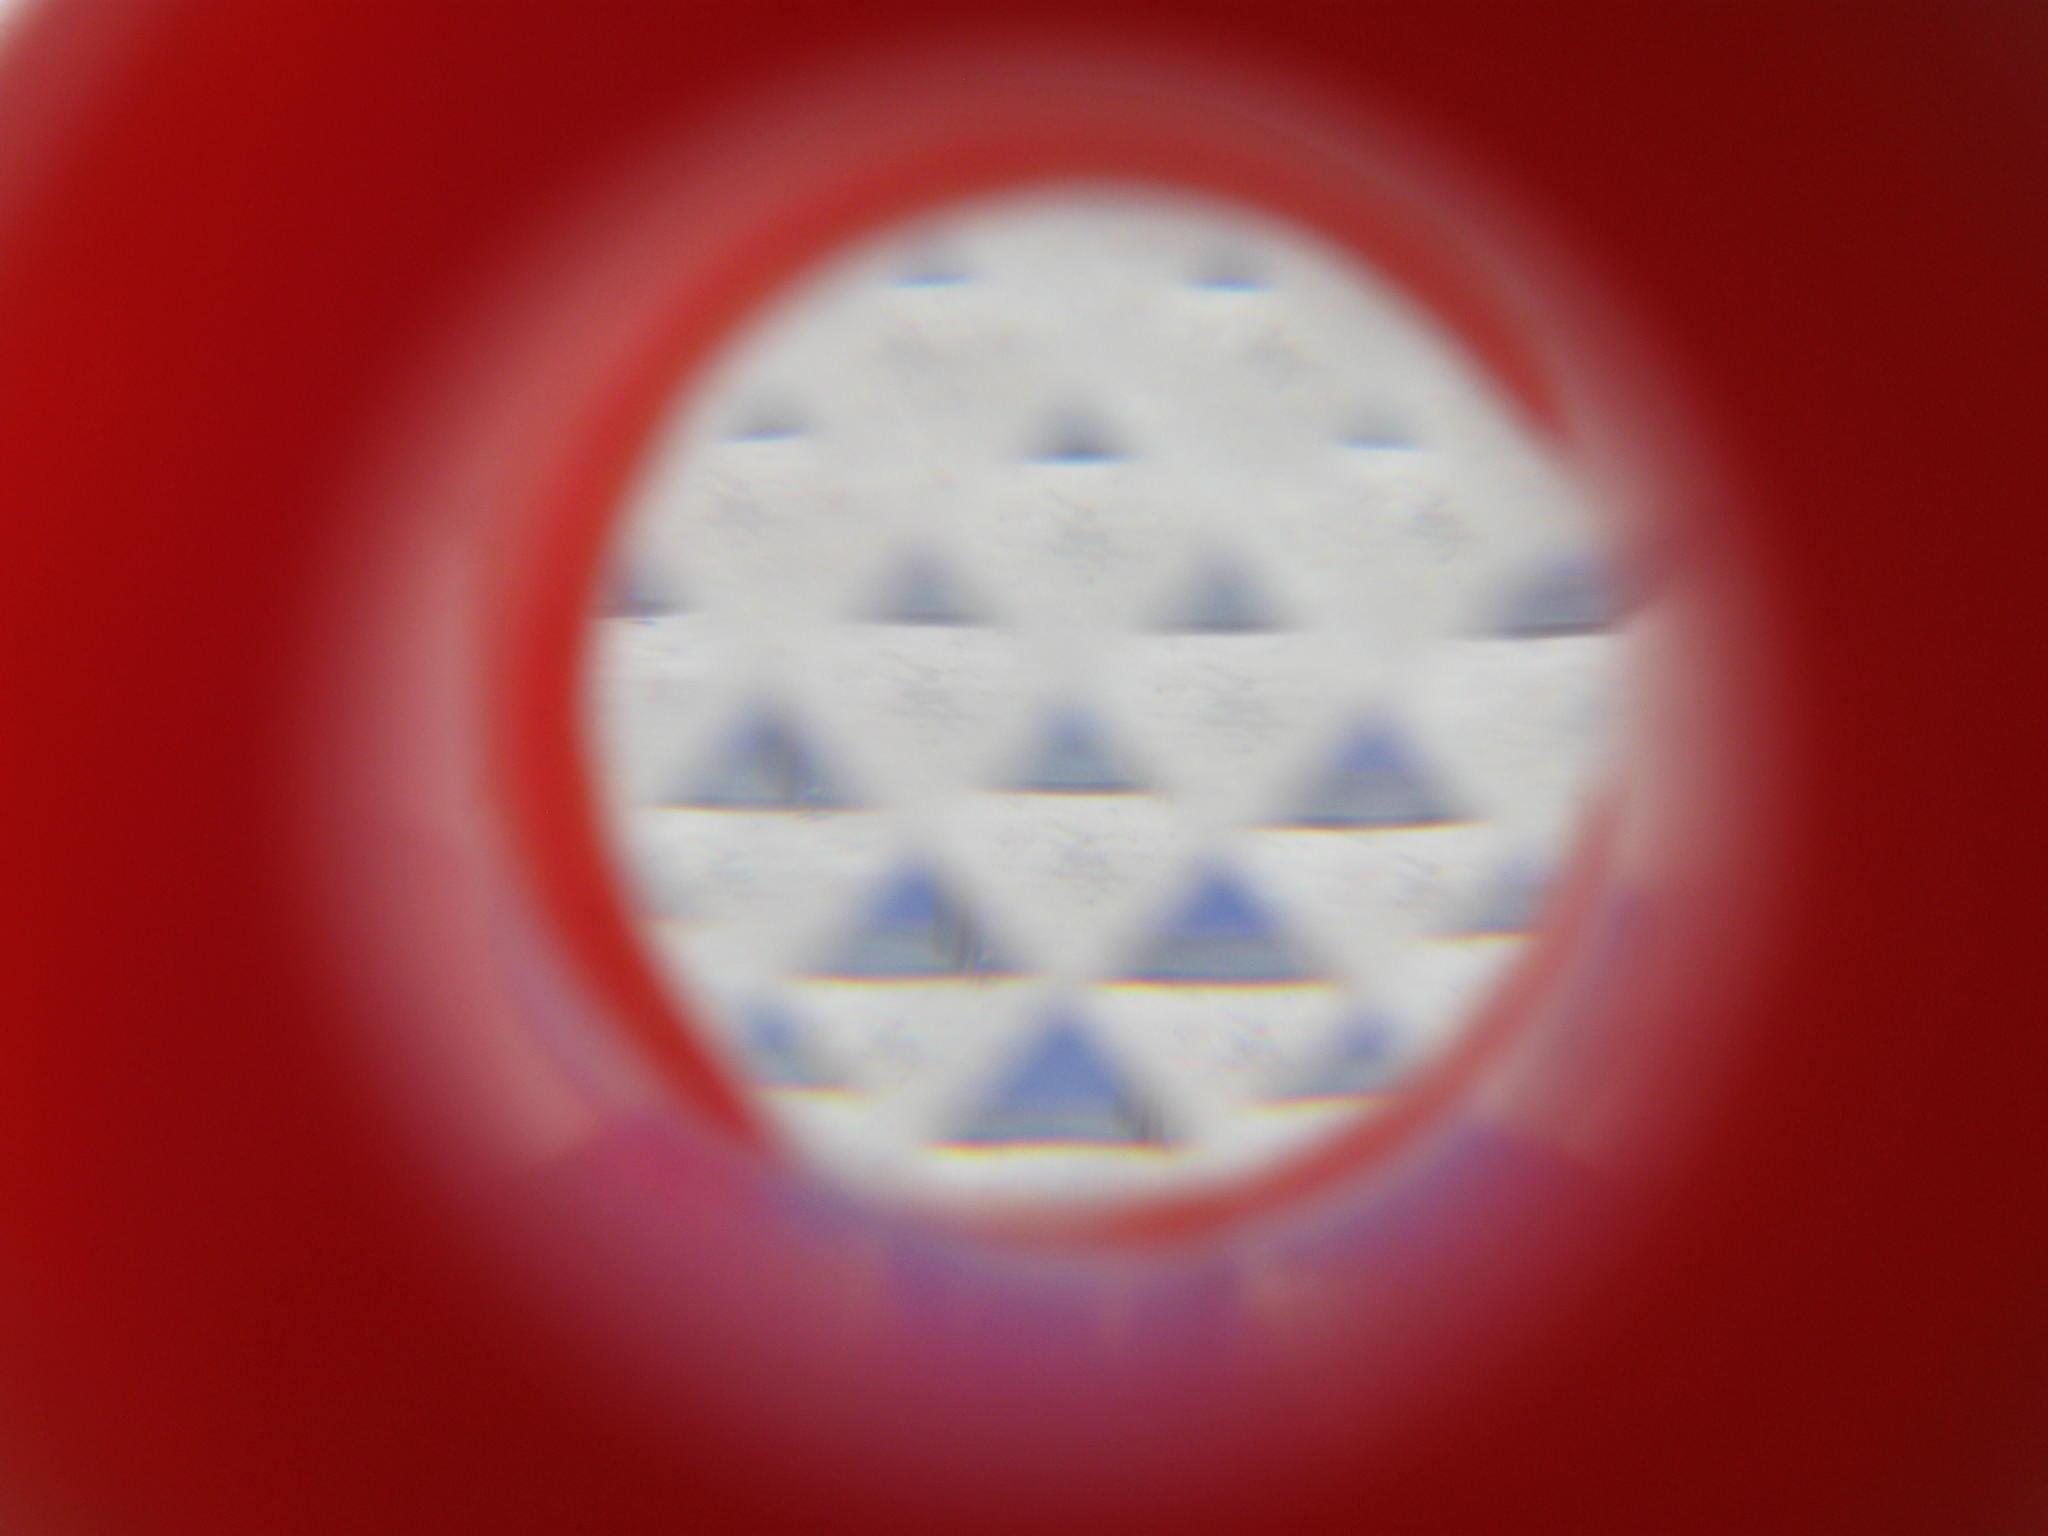 wir schauen durchs Kaleidoskop